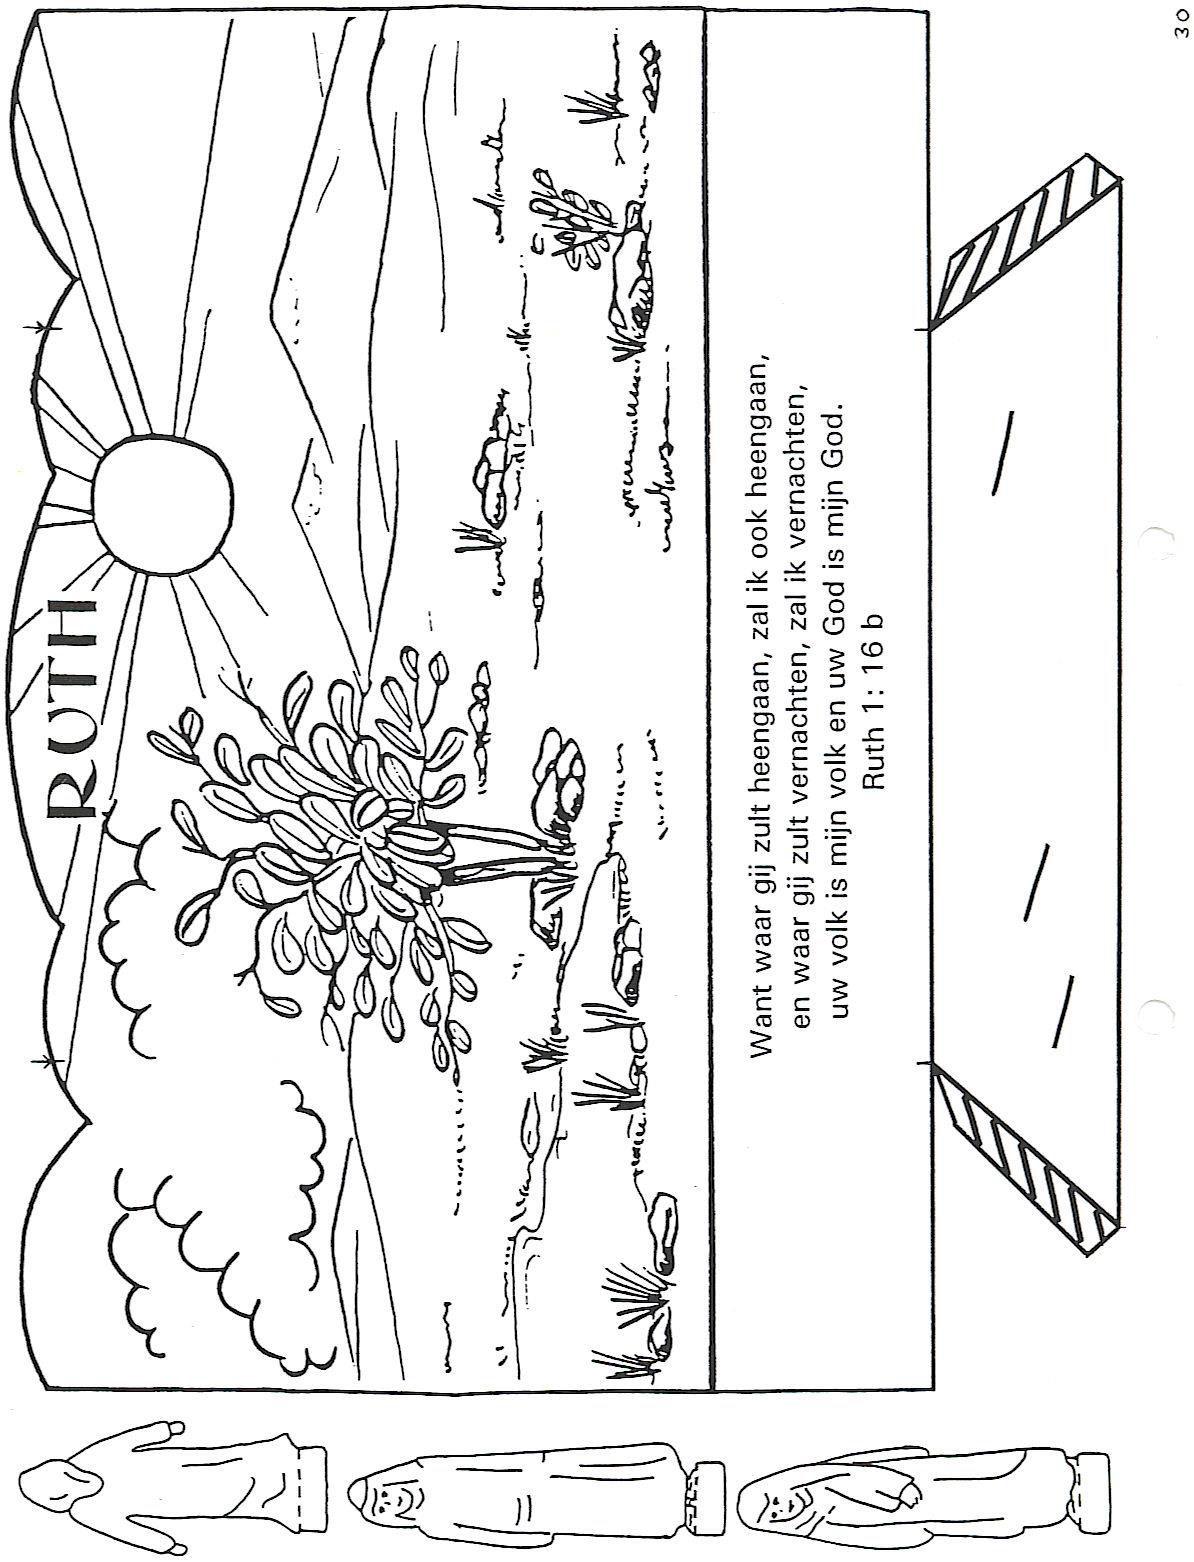 Diorama De Keus Van Ruth Uitleg En Foto Zie Http Www Lcj Nl Download Cawdeawuuktbxq Type Pdf Bijbel Lessen Bijbel Zondagschool